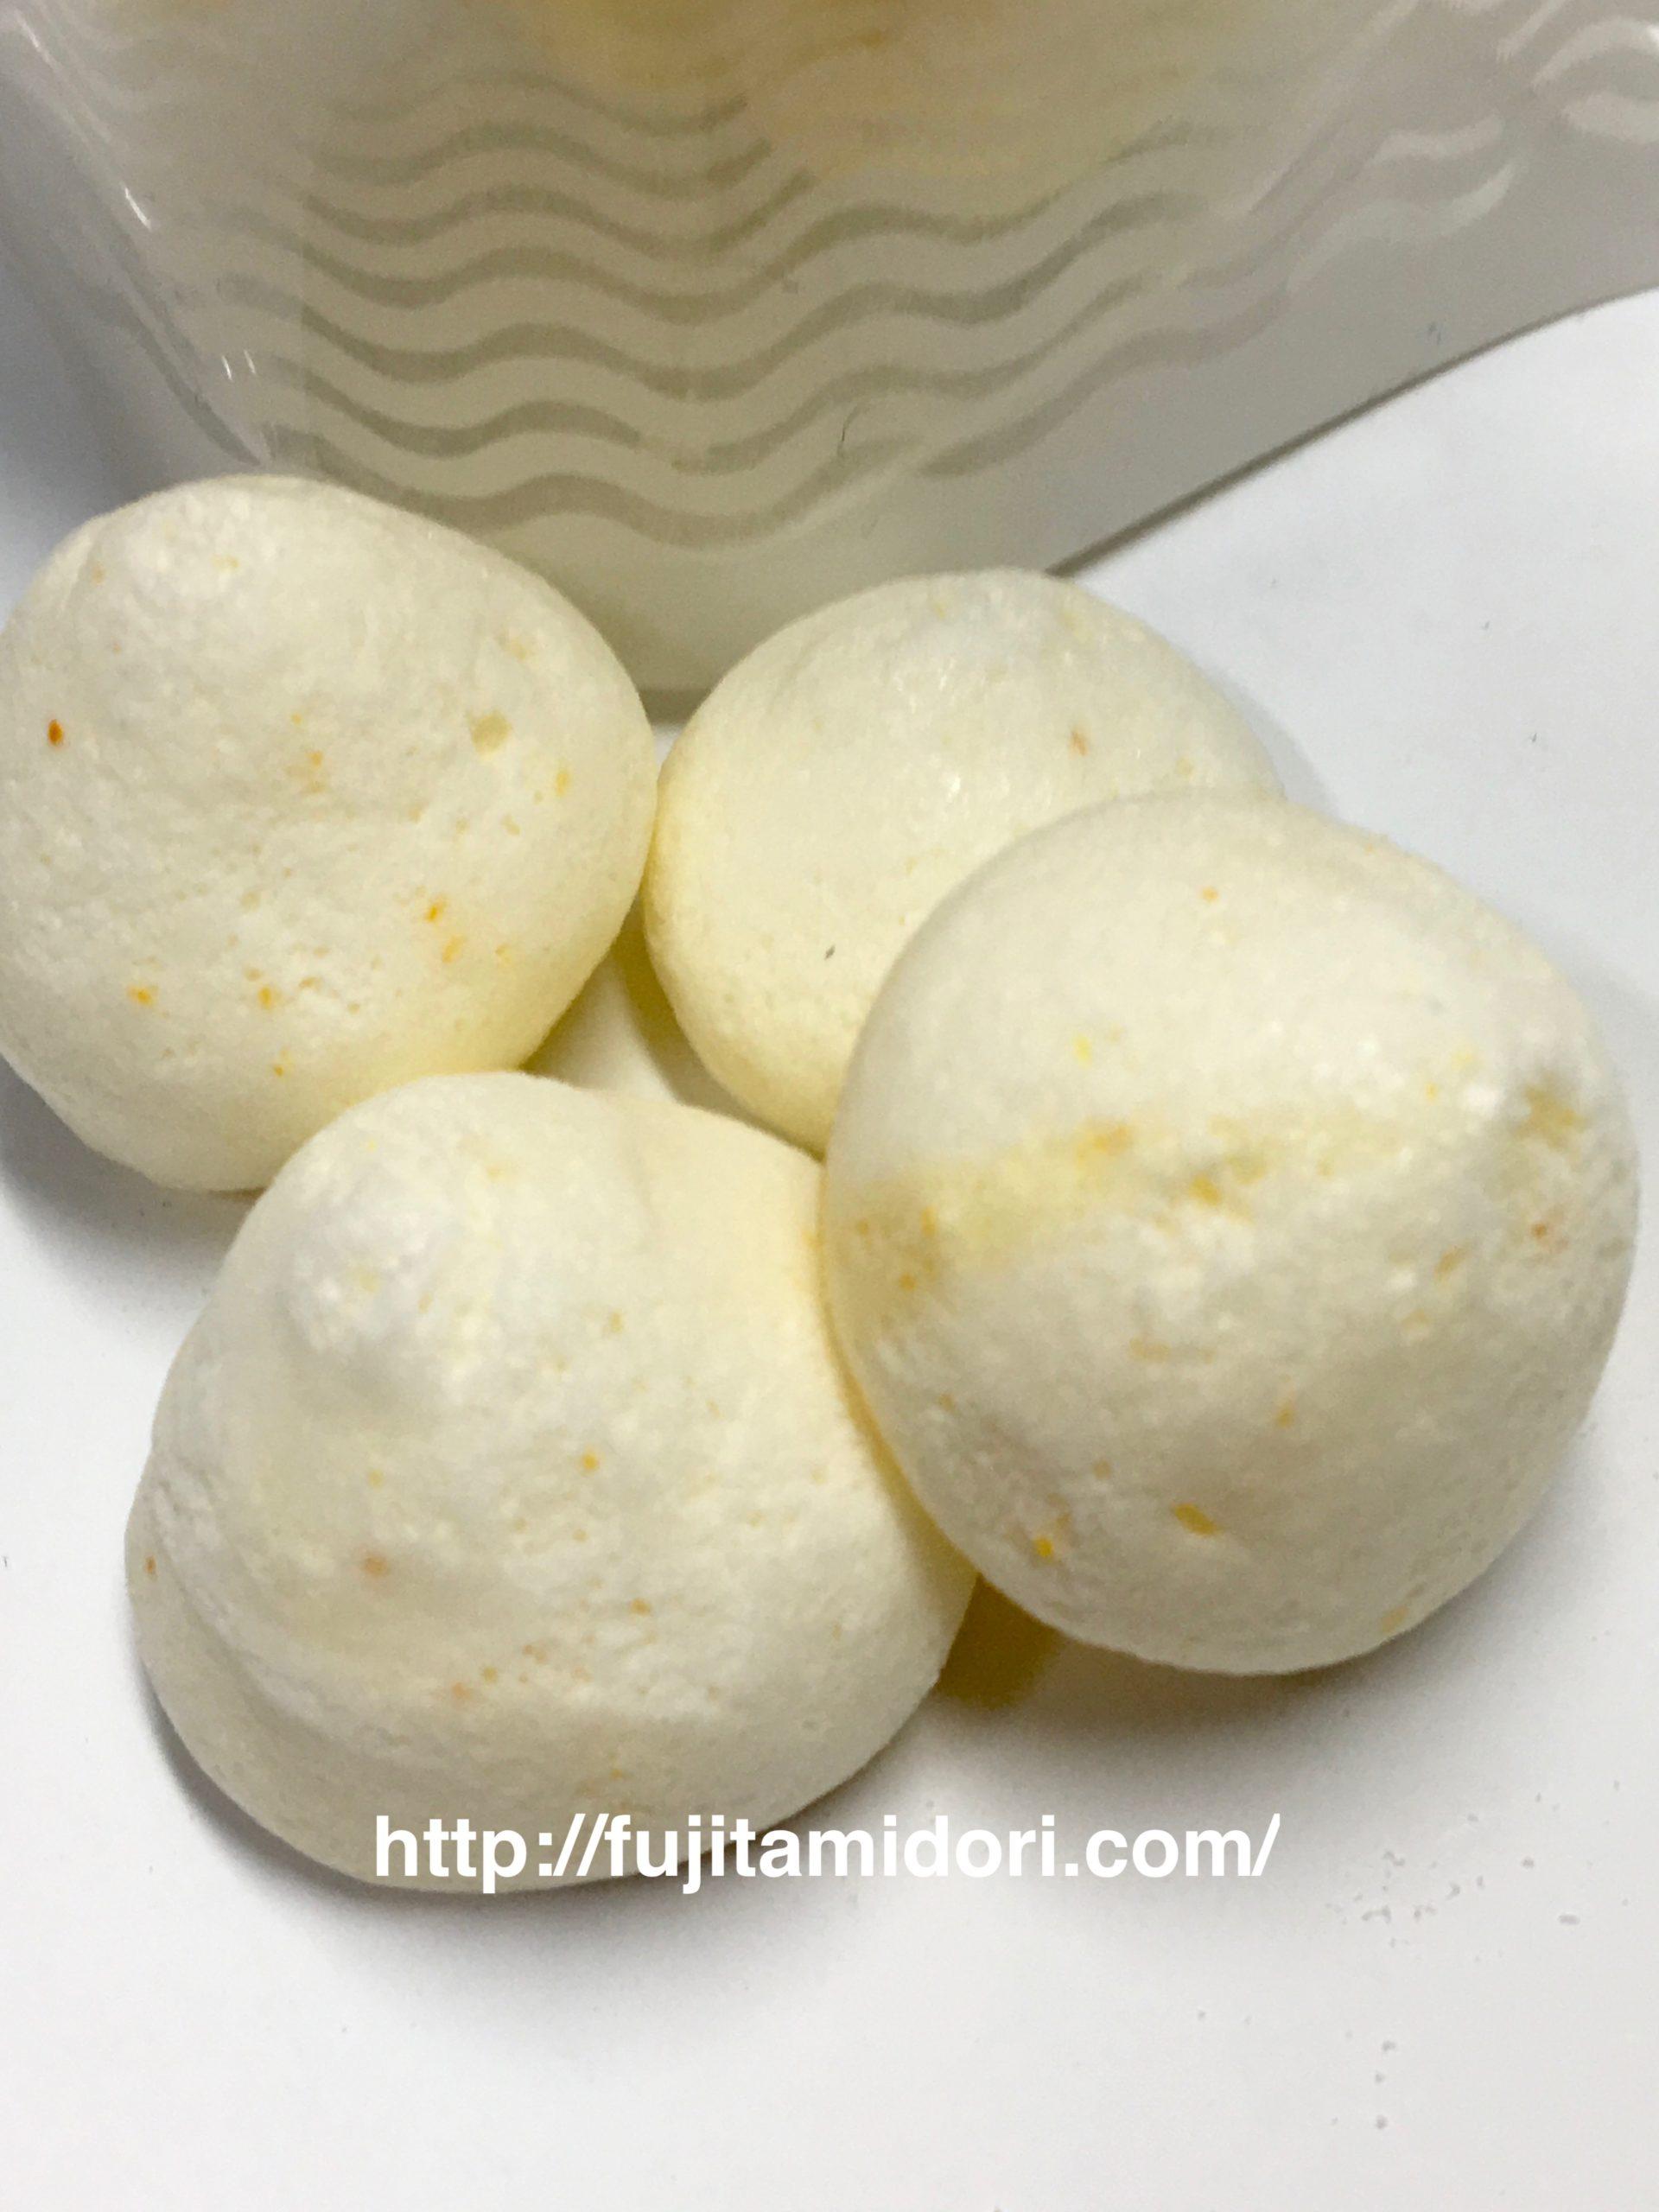 【甘酒甘味】古町糀製造所『米麹と果実のメレンゲ(みかん)』(食べた感想)